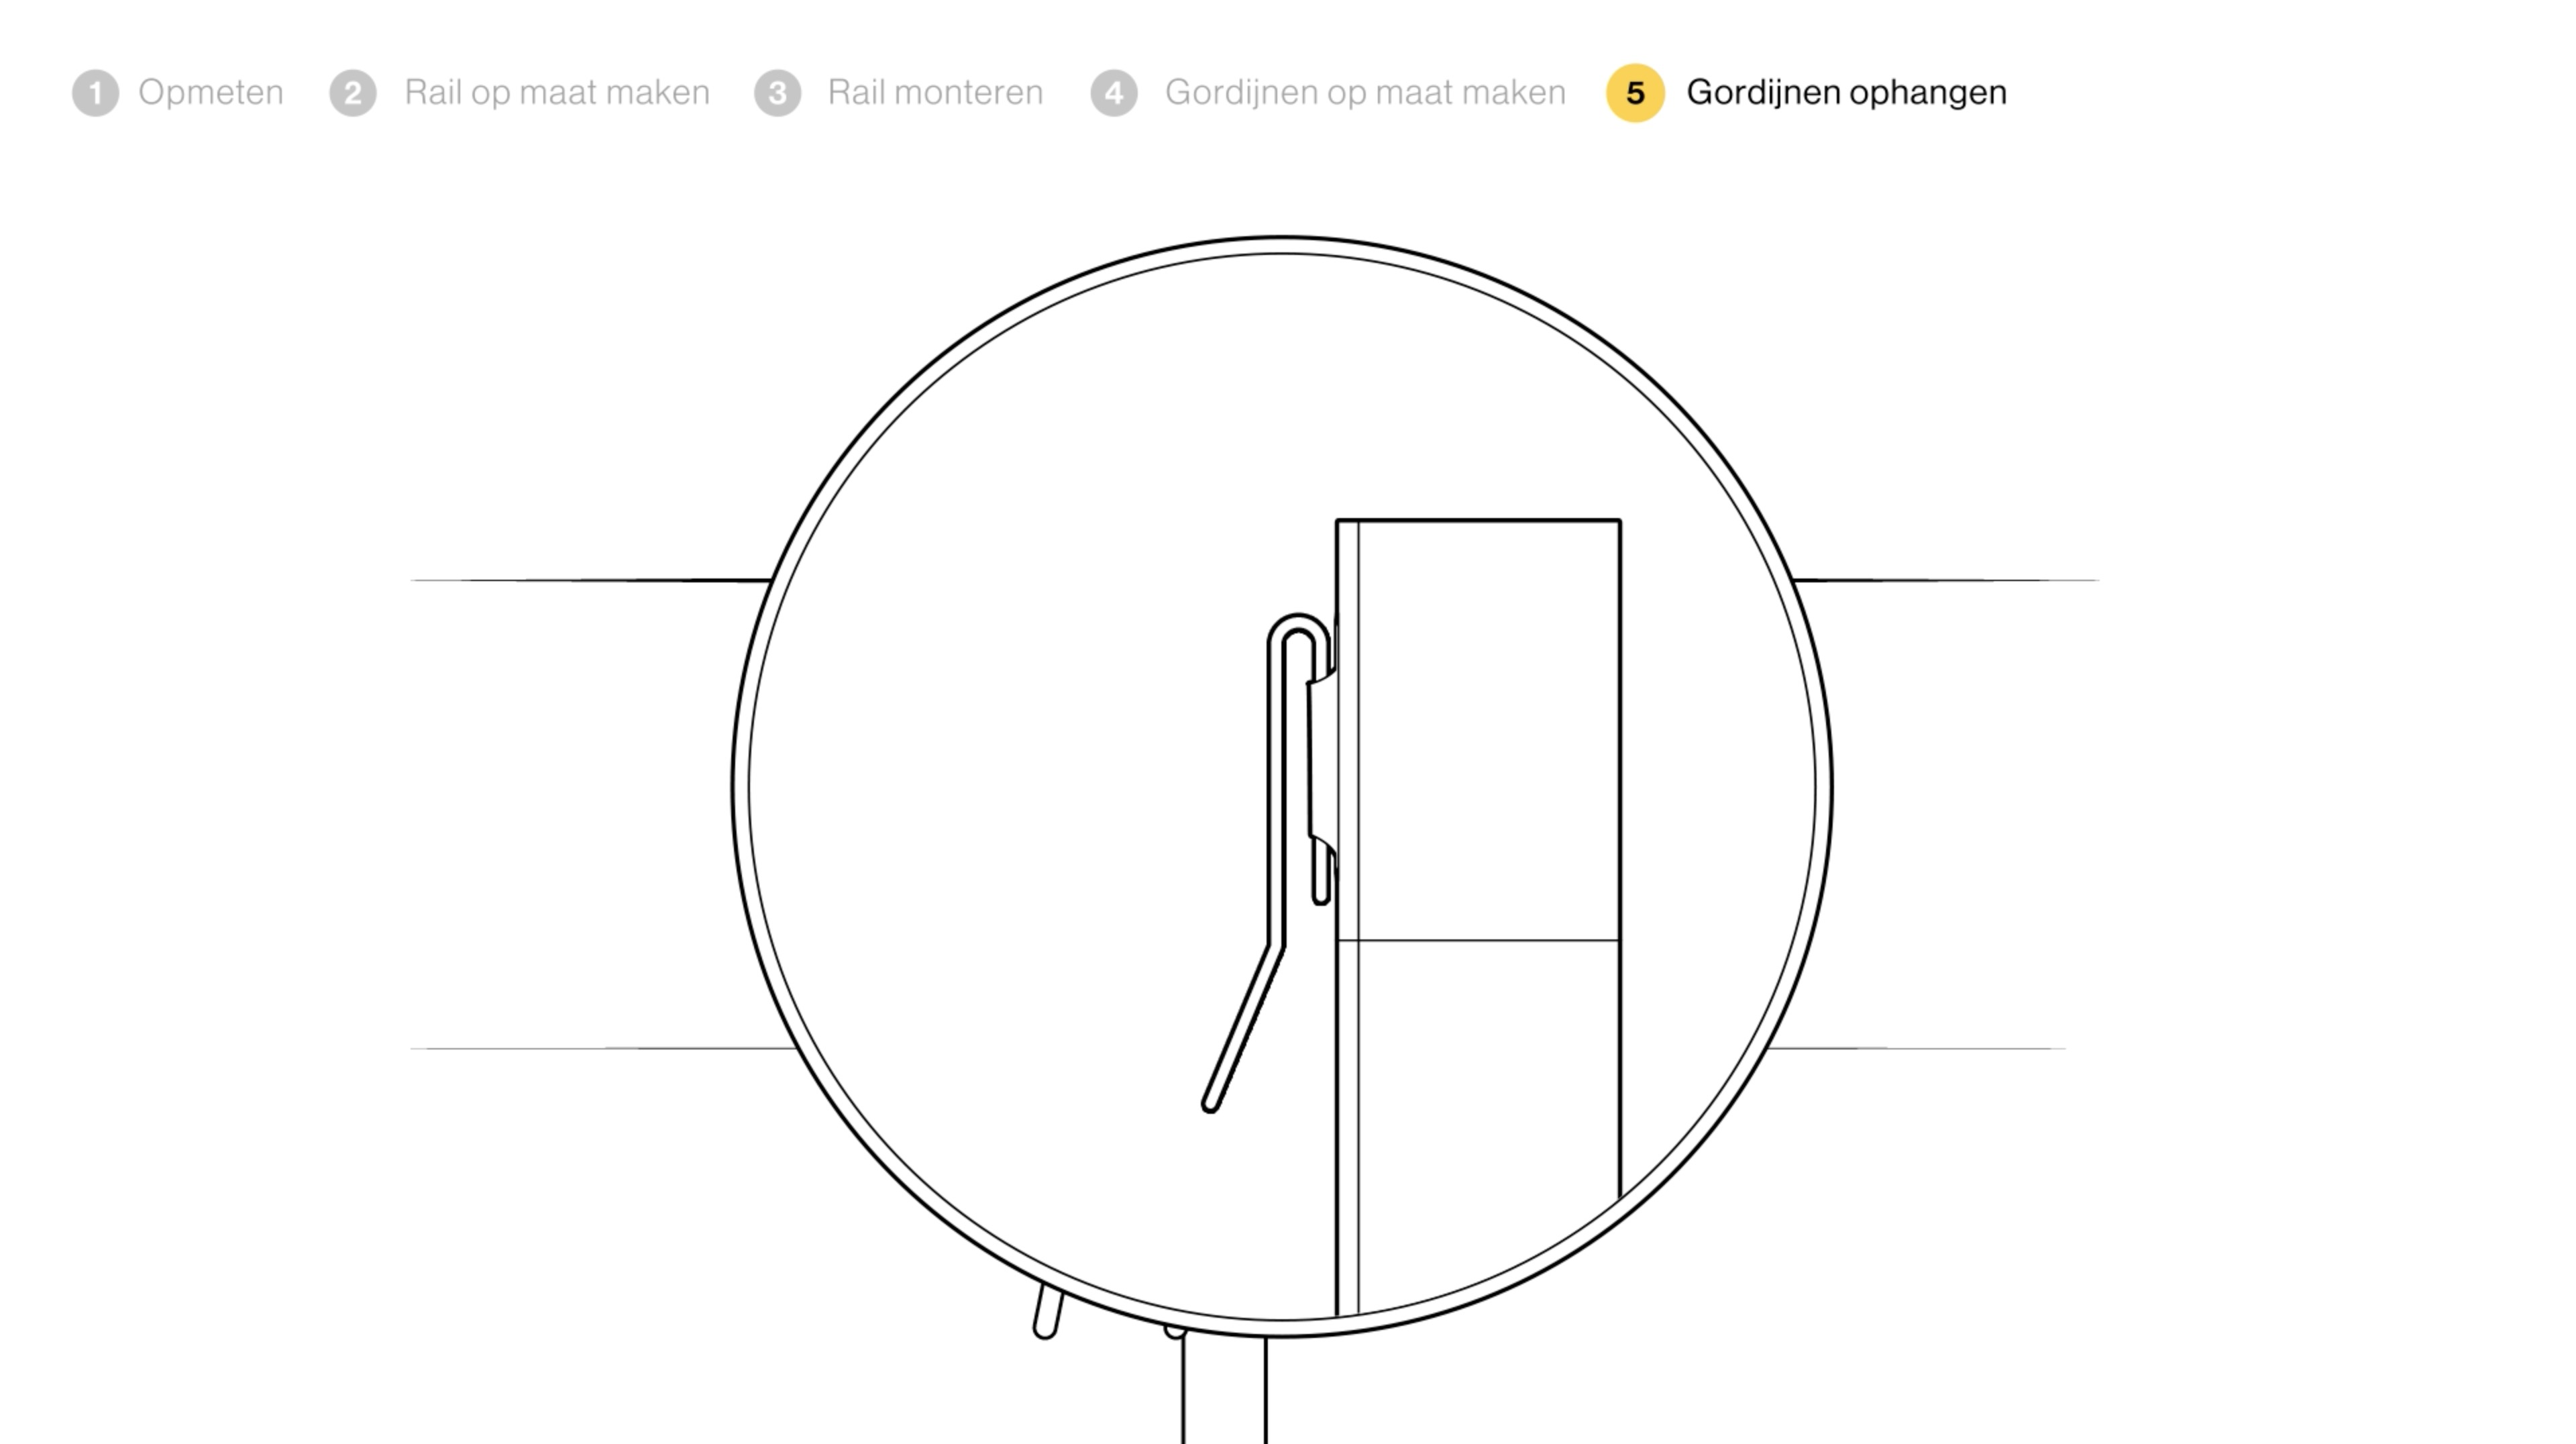 Awesome Hoe Gordijnen Opmeten Images - Trend Ideas 2018 ...